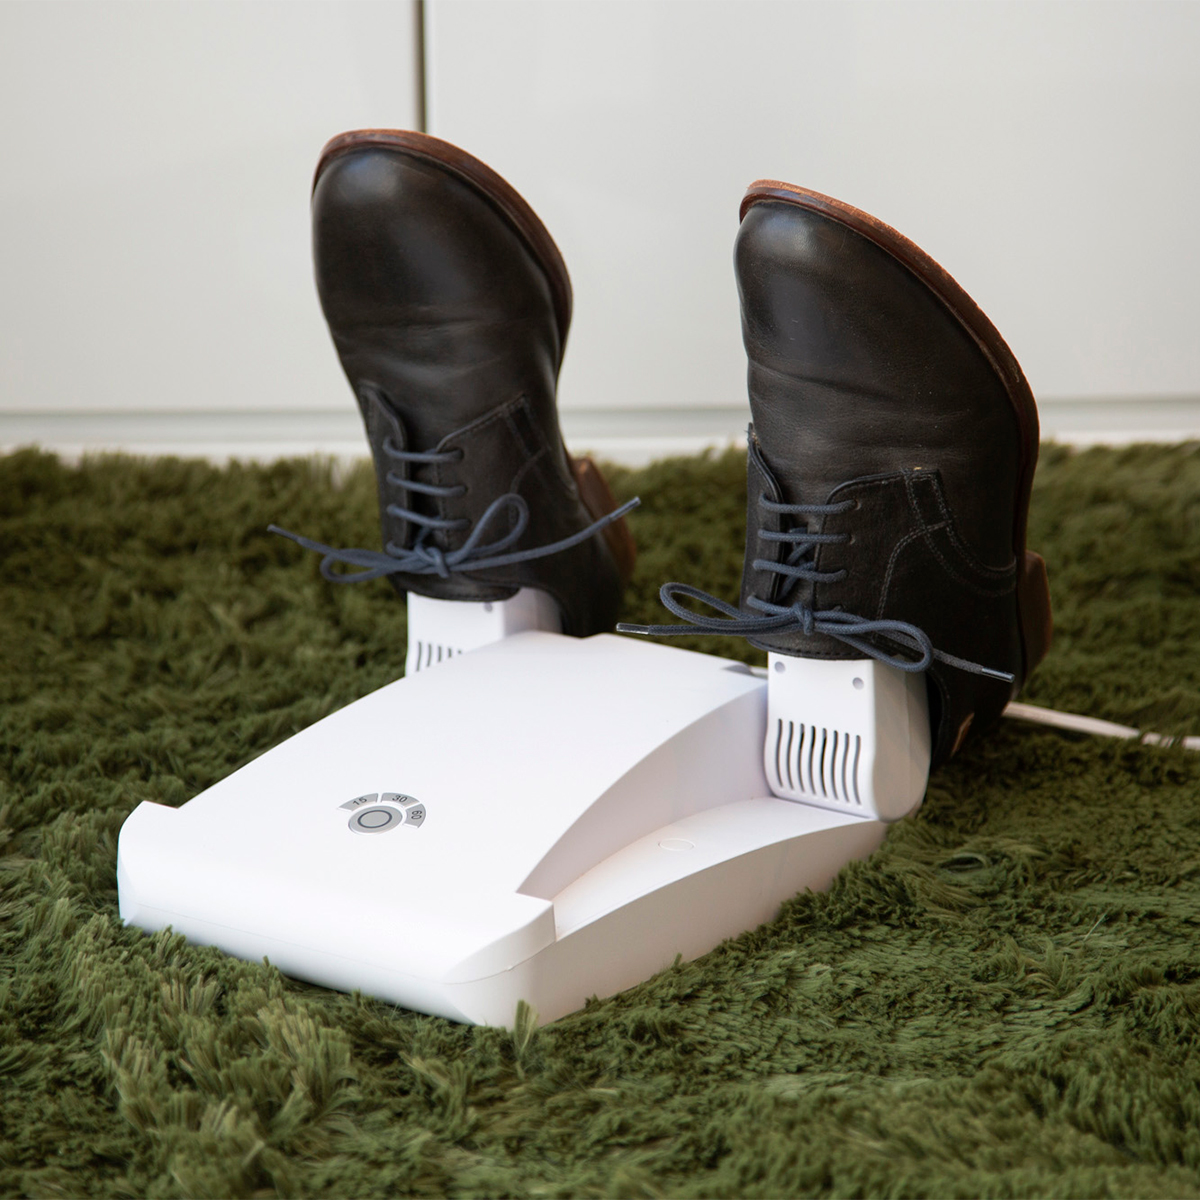 自宅で簡単に靴ケア。光触媒と紫外線の効果で、ニオイやカビ、水虫菌を元から分解。さらに、50℃の低温風で、やさしく乾燥。「靴クリーナー」|RefreShoes(リフレシューズ)